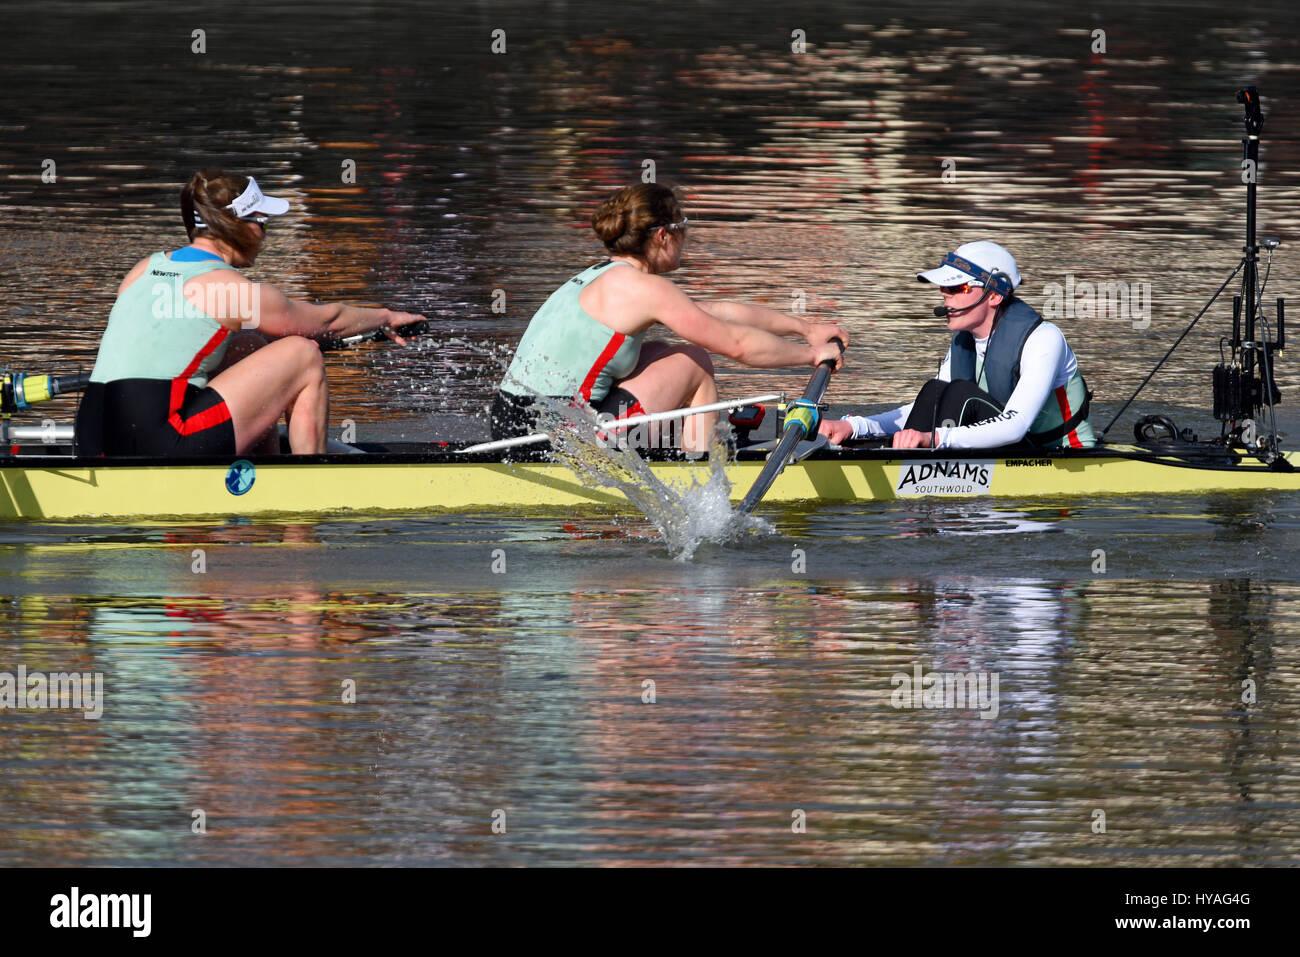 university-boat-race-on-the-river-thames-at-barnes-londonwomens-race-HYAG4G.jpg